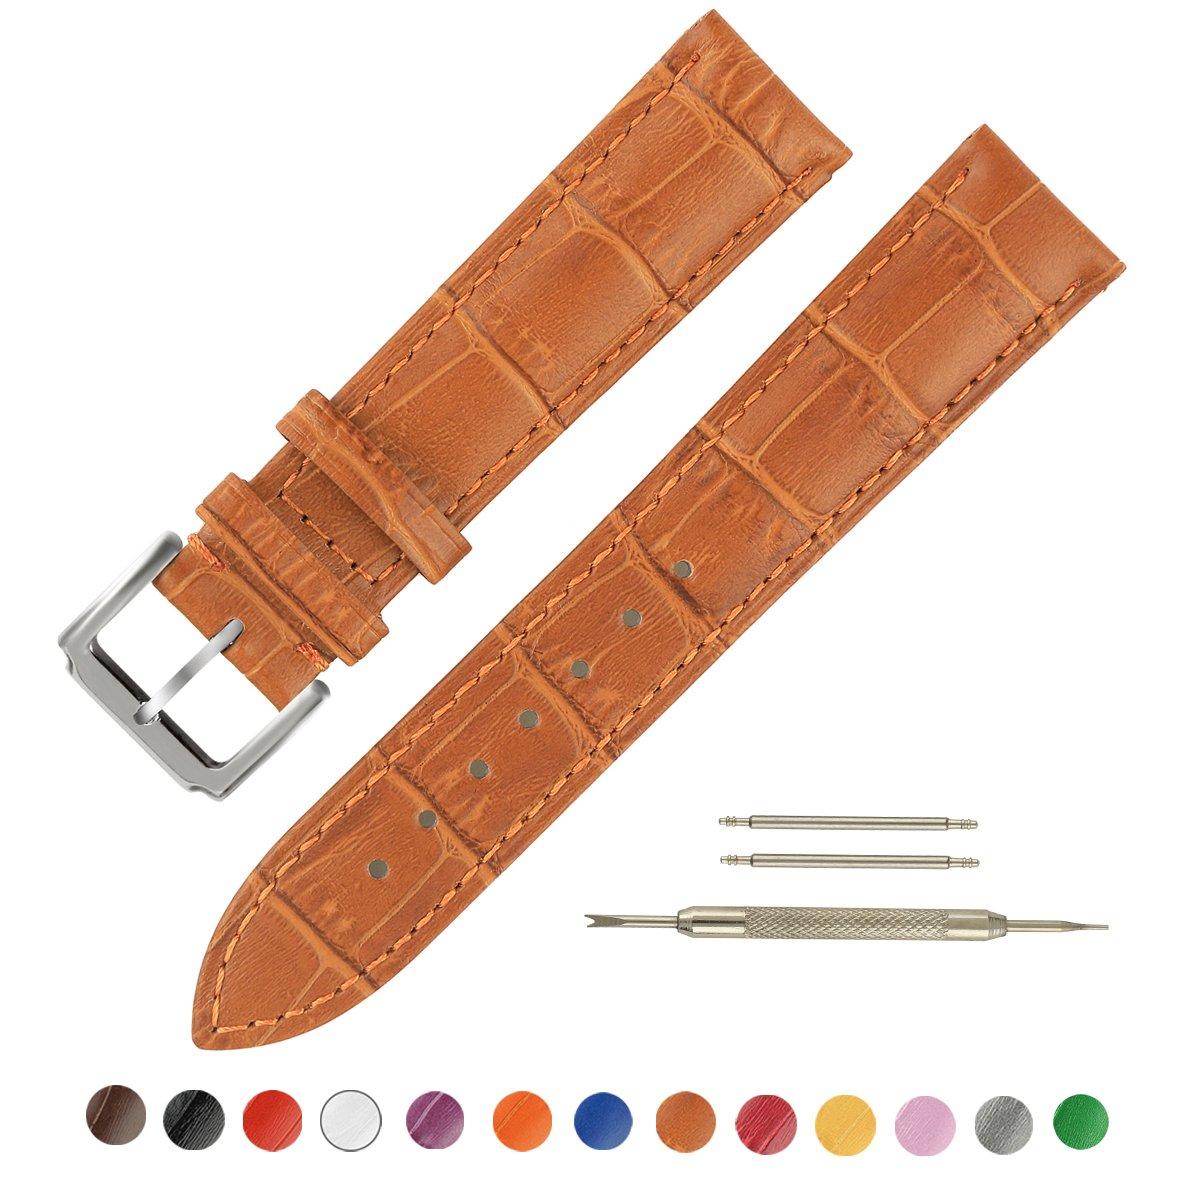 SIMCOLOR レザー腕時計ベルトカラー&幅の選択(16mm,18mm,20mm,22mm, 24mm) 高品質な本牛革 交換用腕時計ベルト 22mm ライトブラウン ライトブラウン 22mm B071WVRTDT